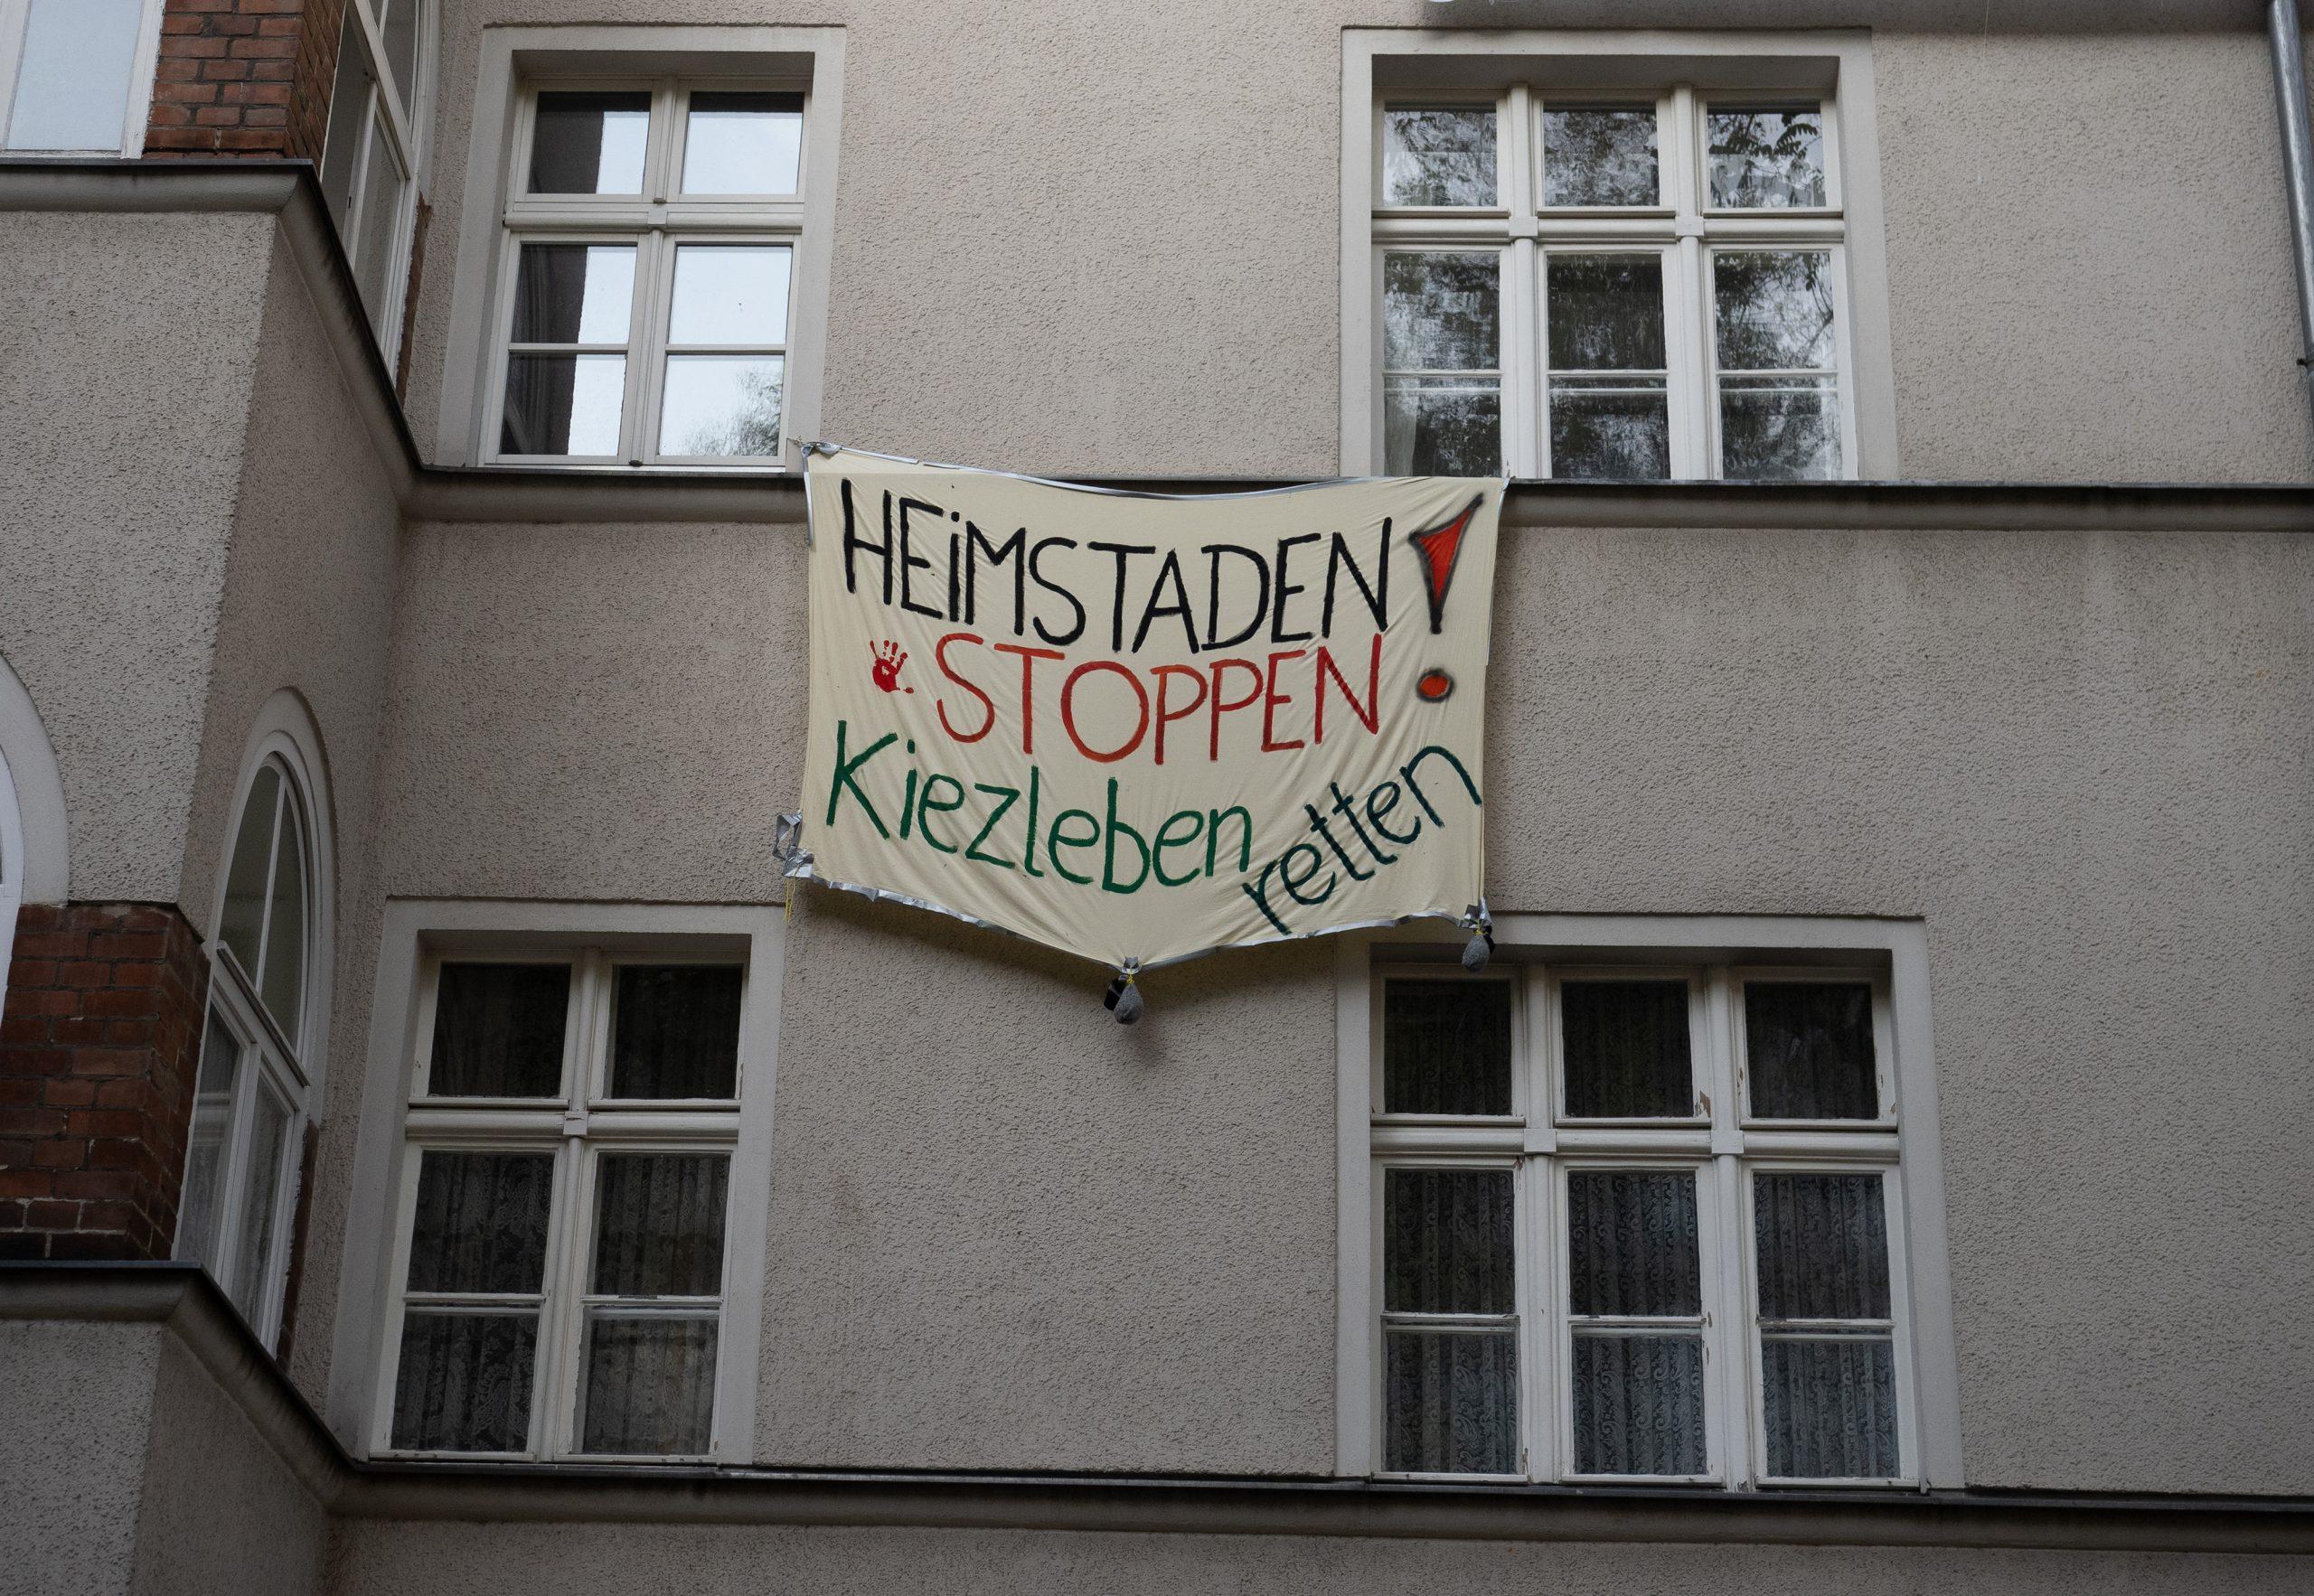 In Berlin protestierten bereits 2020 zahlreiche Mieter gegen die Übernahme verschiedener Häuser durch den schwedischen Investor Heimstaden.